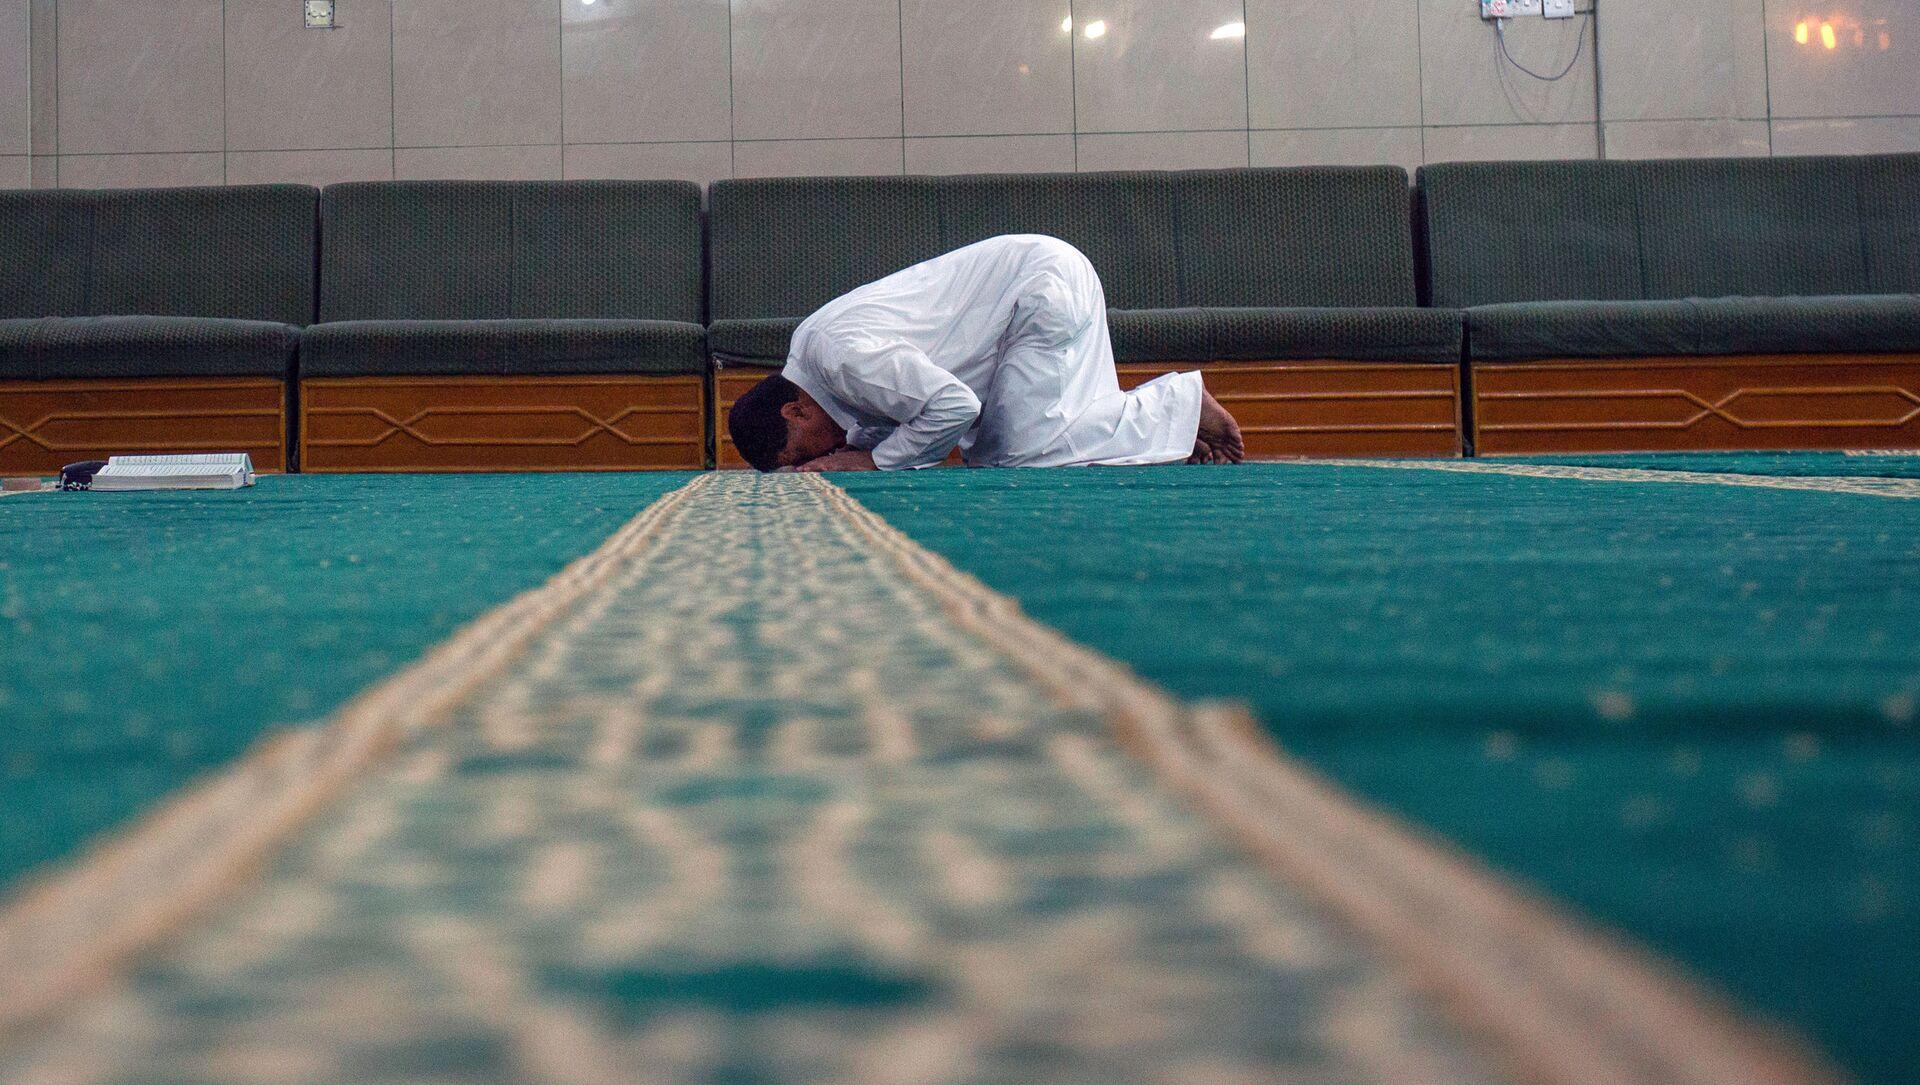 Иракский мусульманин молится, фото из архива - Sputnik Азербайджан, 1920, 09.08.2021